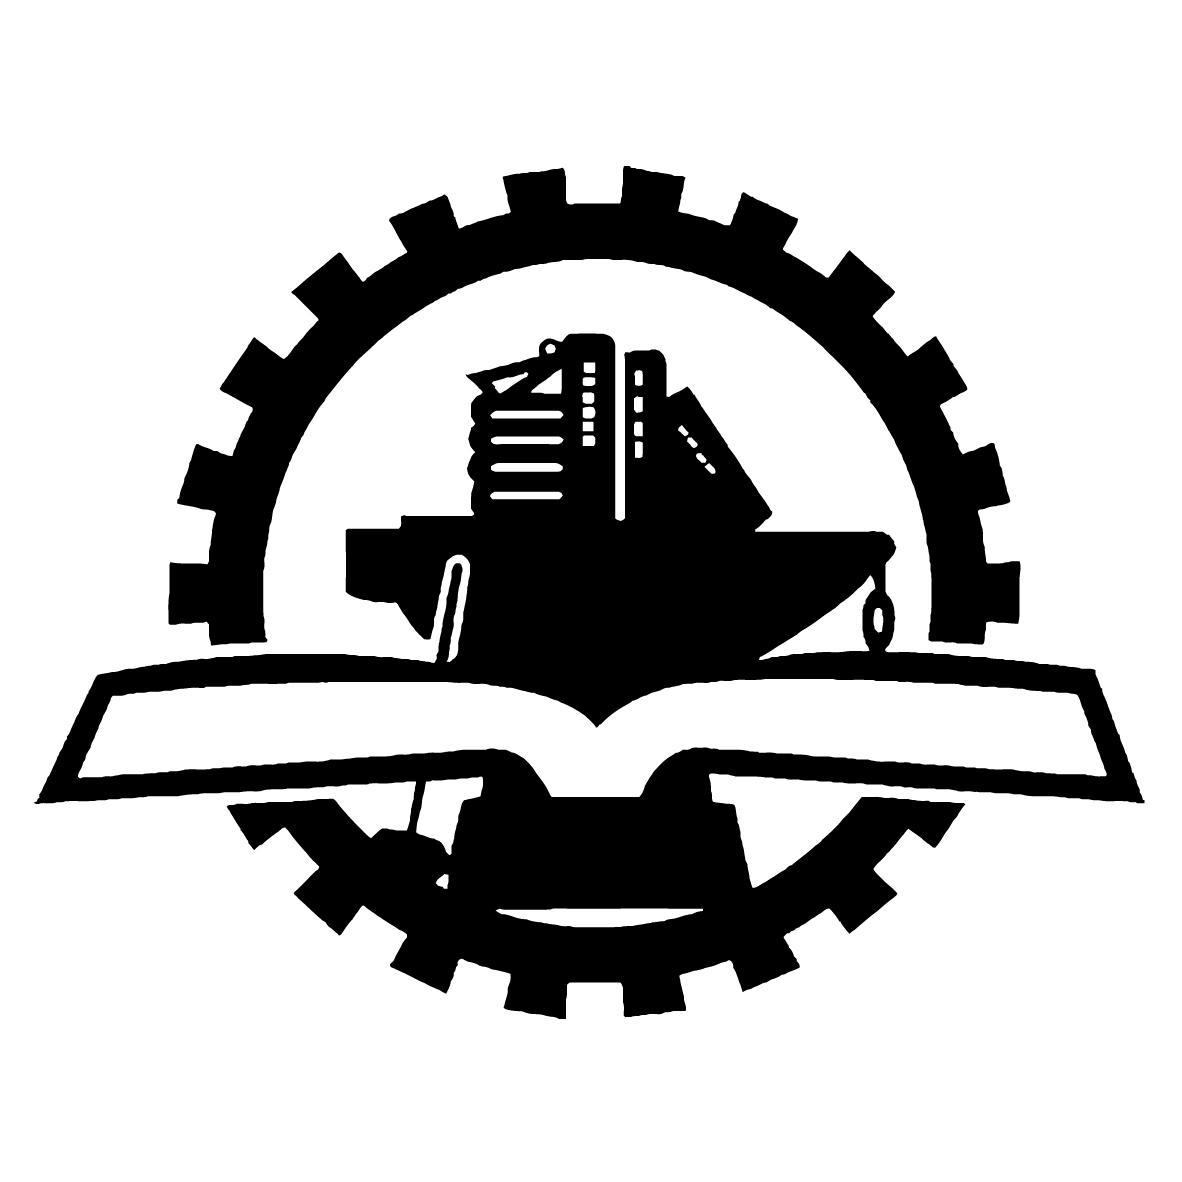 西安交通大学出版社有限责任公司